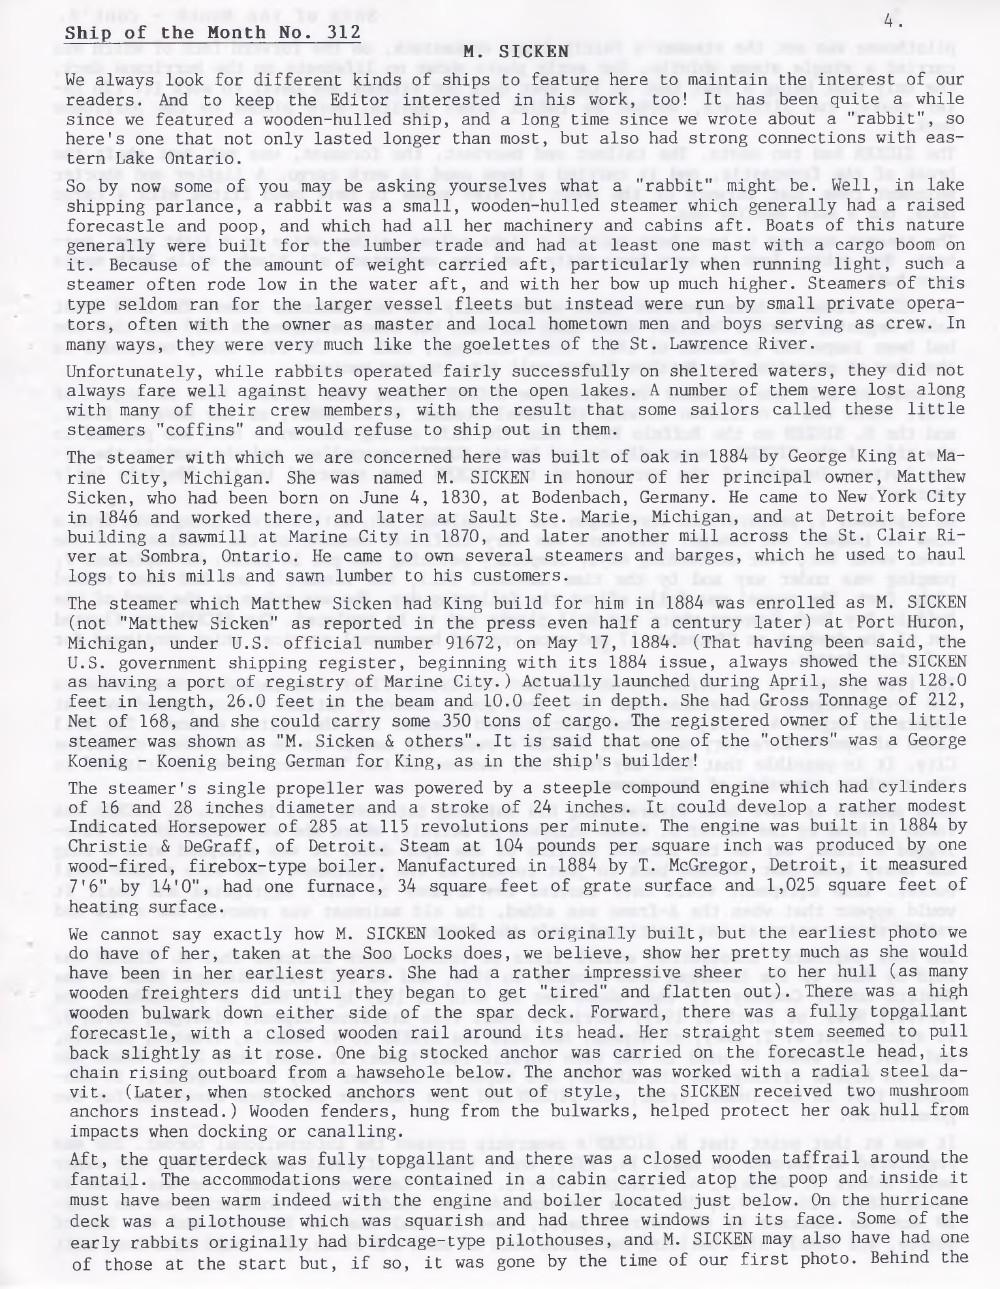 Scanner, v. 40, no. 4 (February 2008)